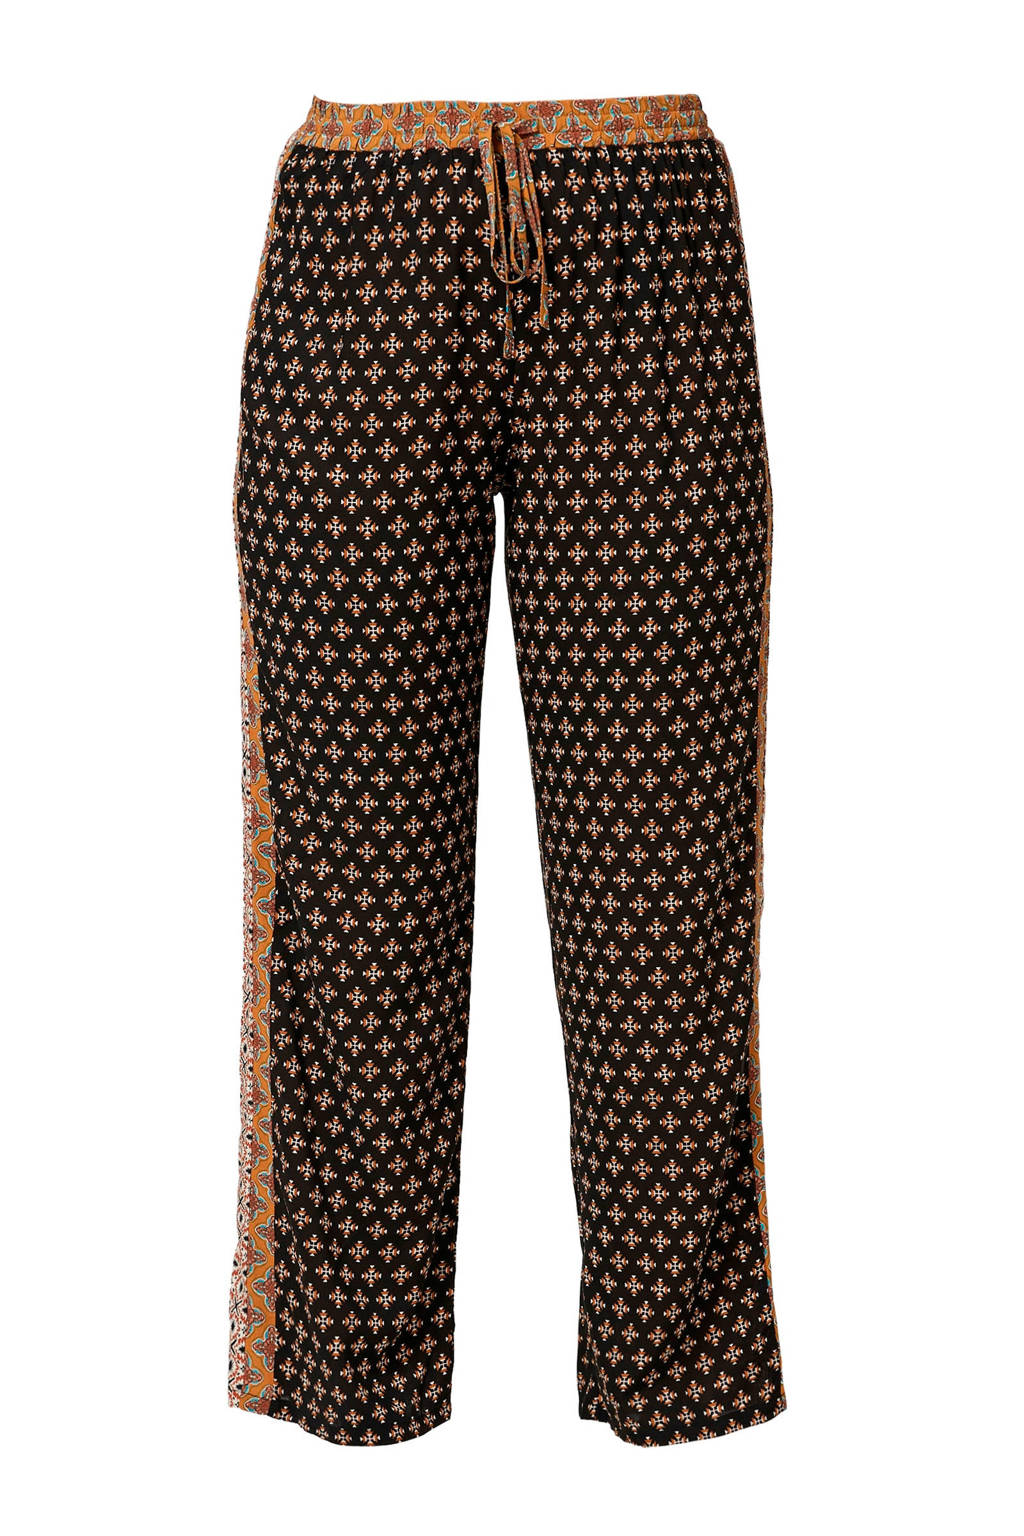 TRIANGLE straight fit broek met all over print zwart, Zwart